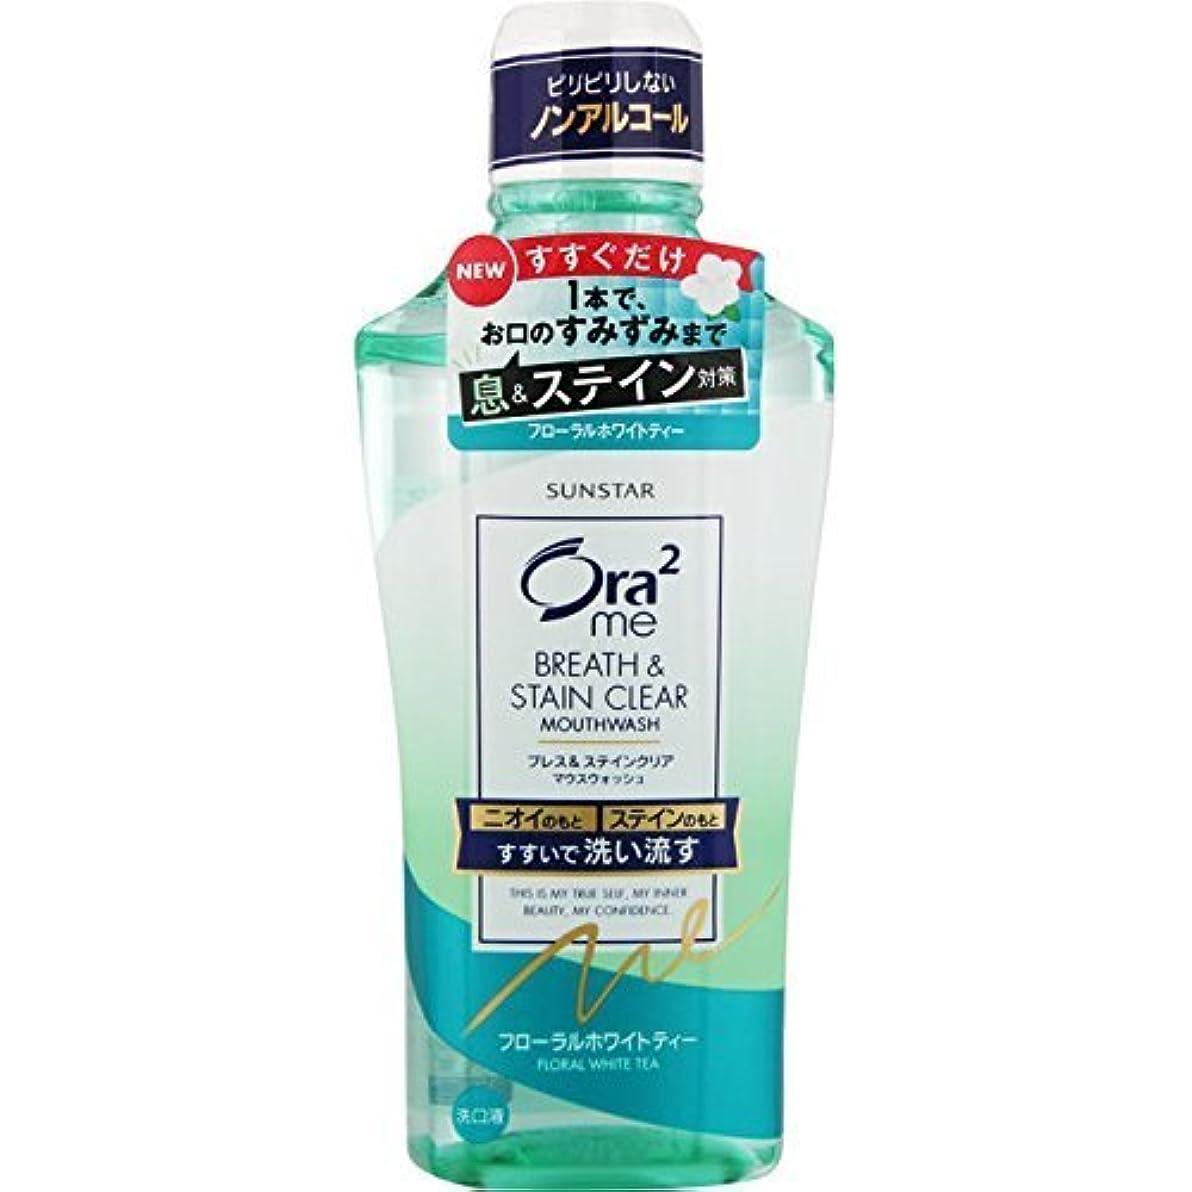 虫を数える出発素晴らしいOra2(オーラツー) ミーマウスウォッシュ ステインクリア 洗口液[フローラルホワイトティー]